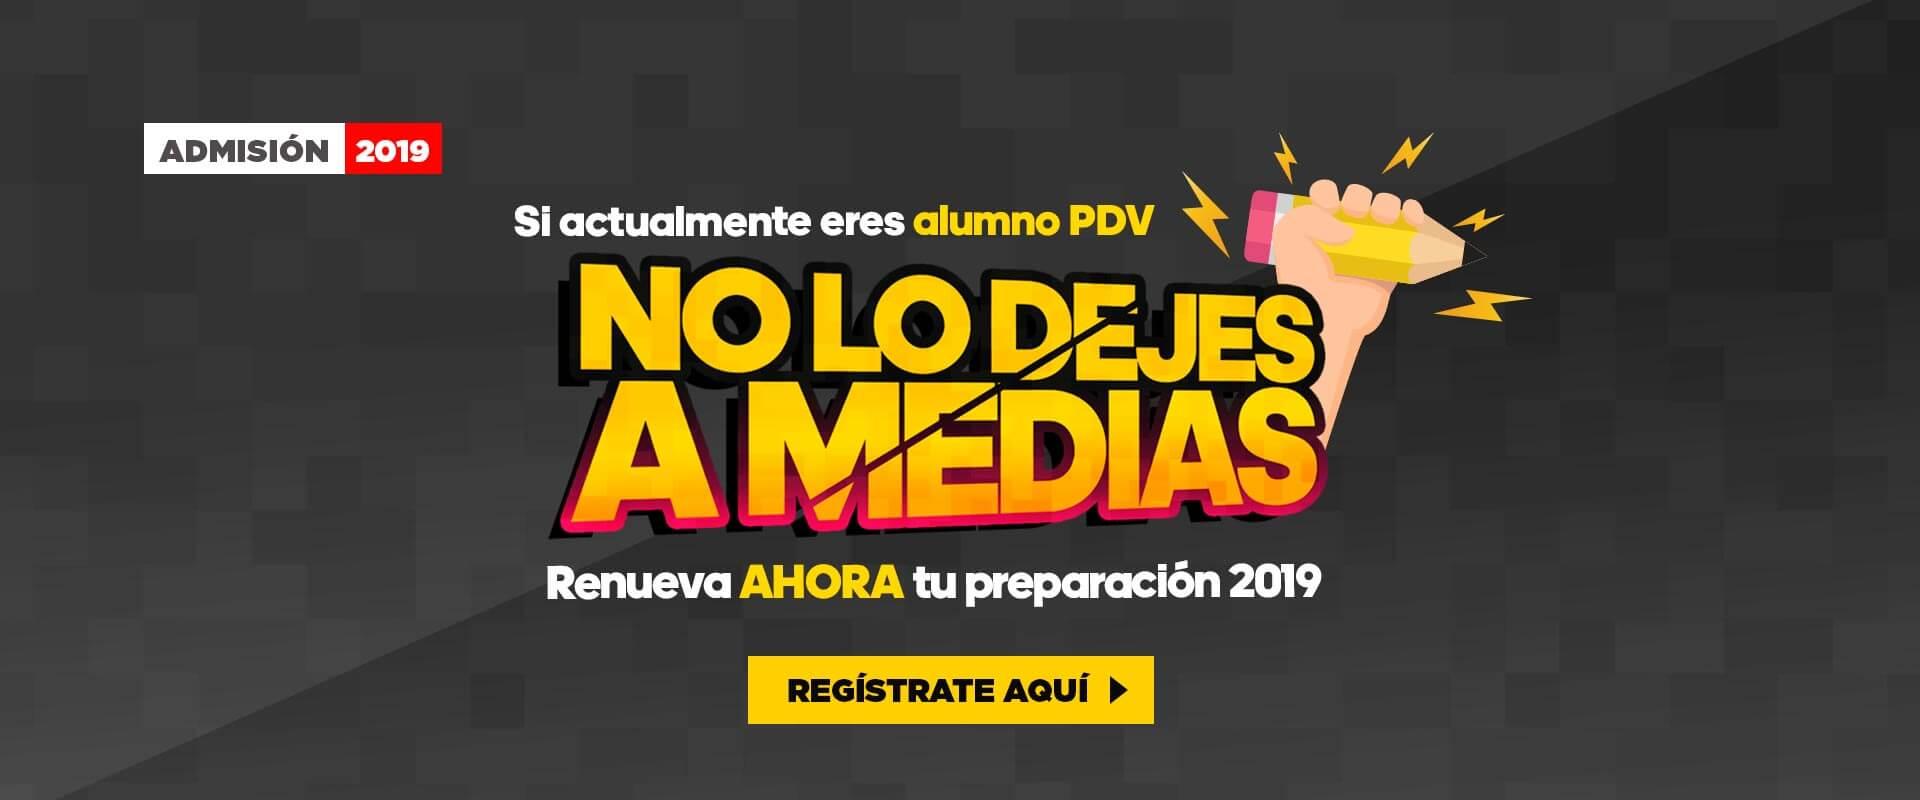 Renueva tu preparación con Preuniversitario Pedro de Valdivia